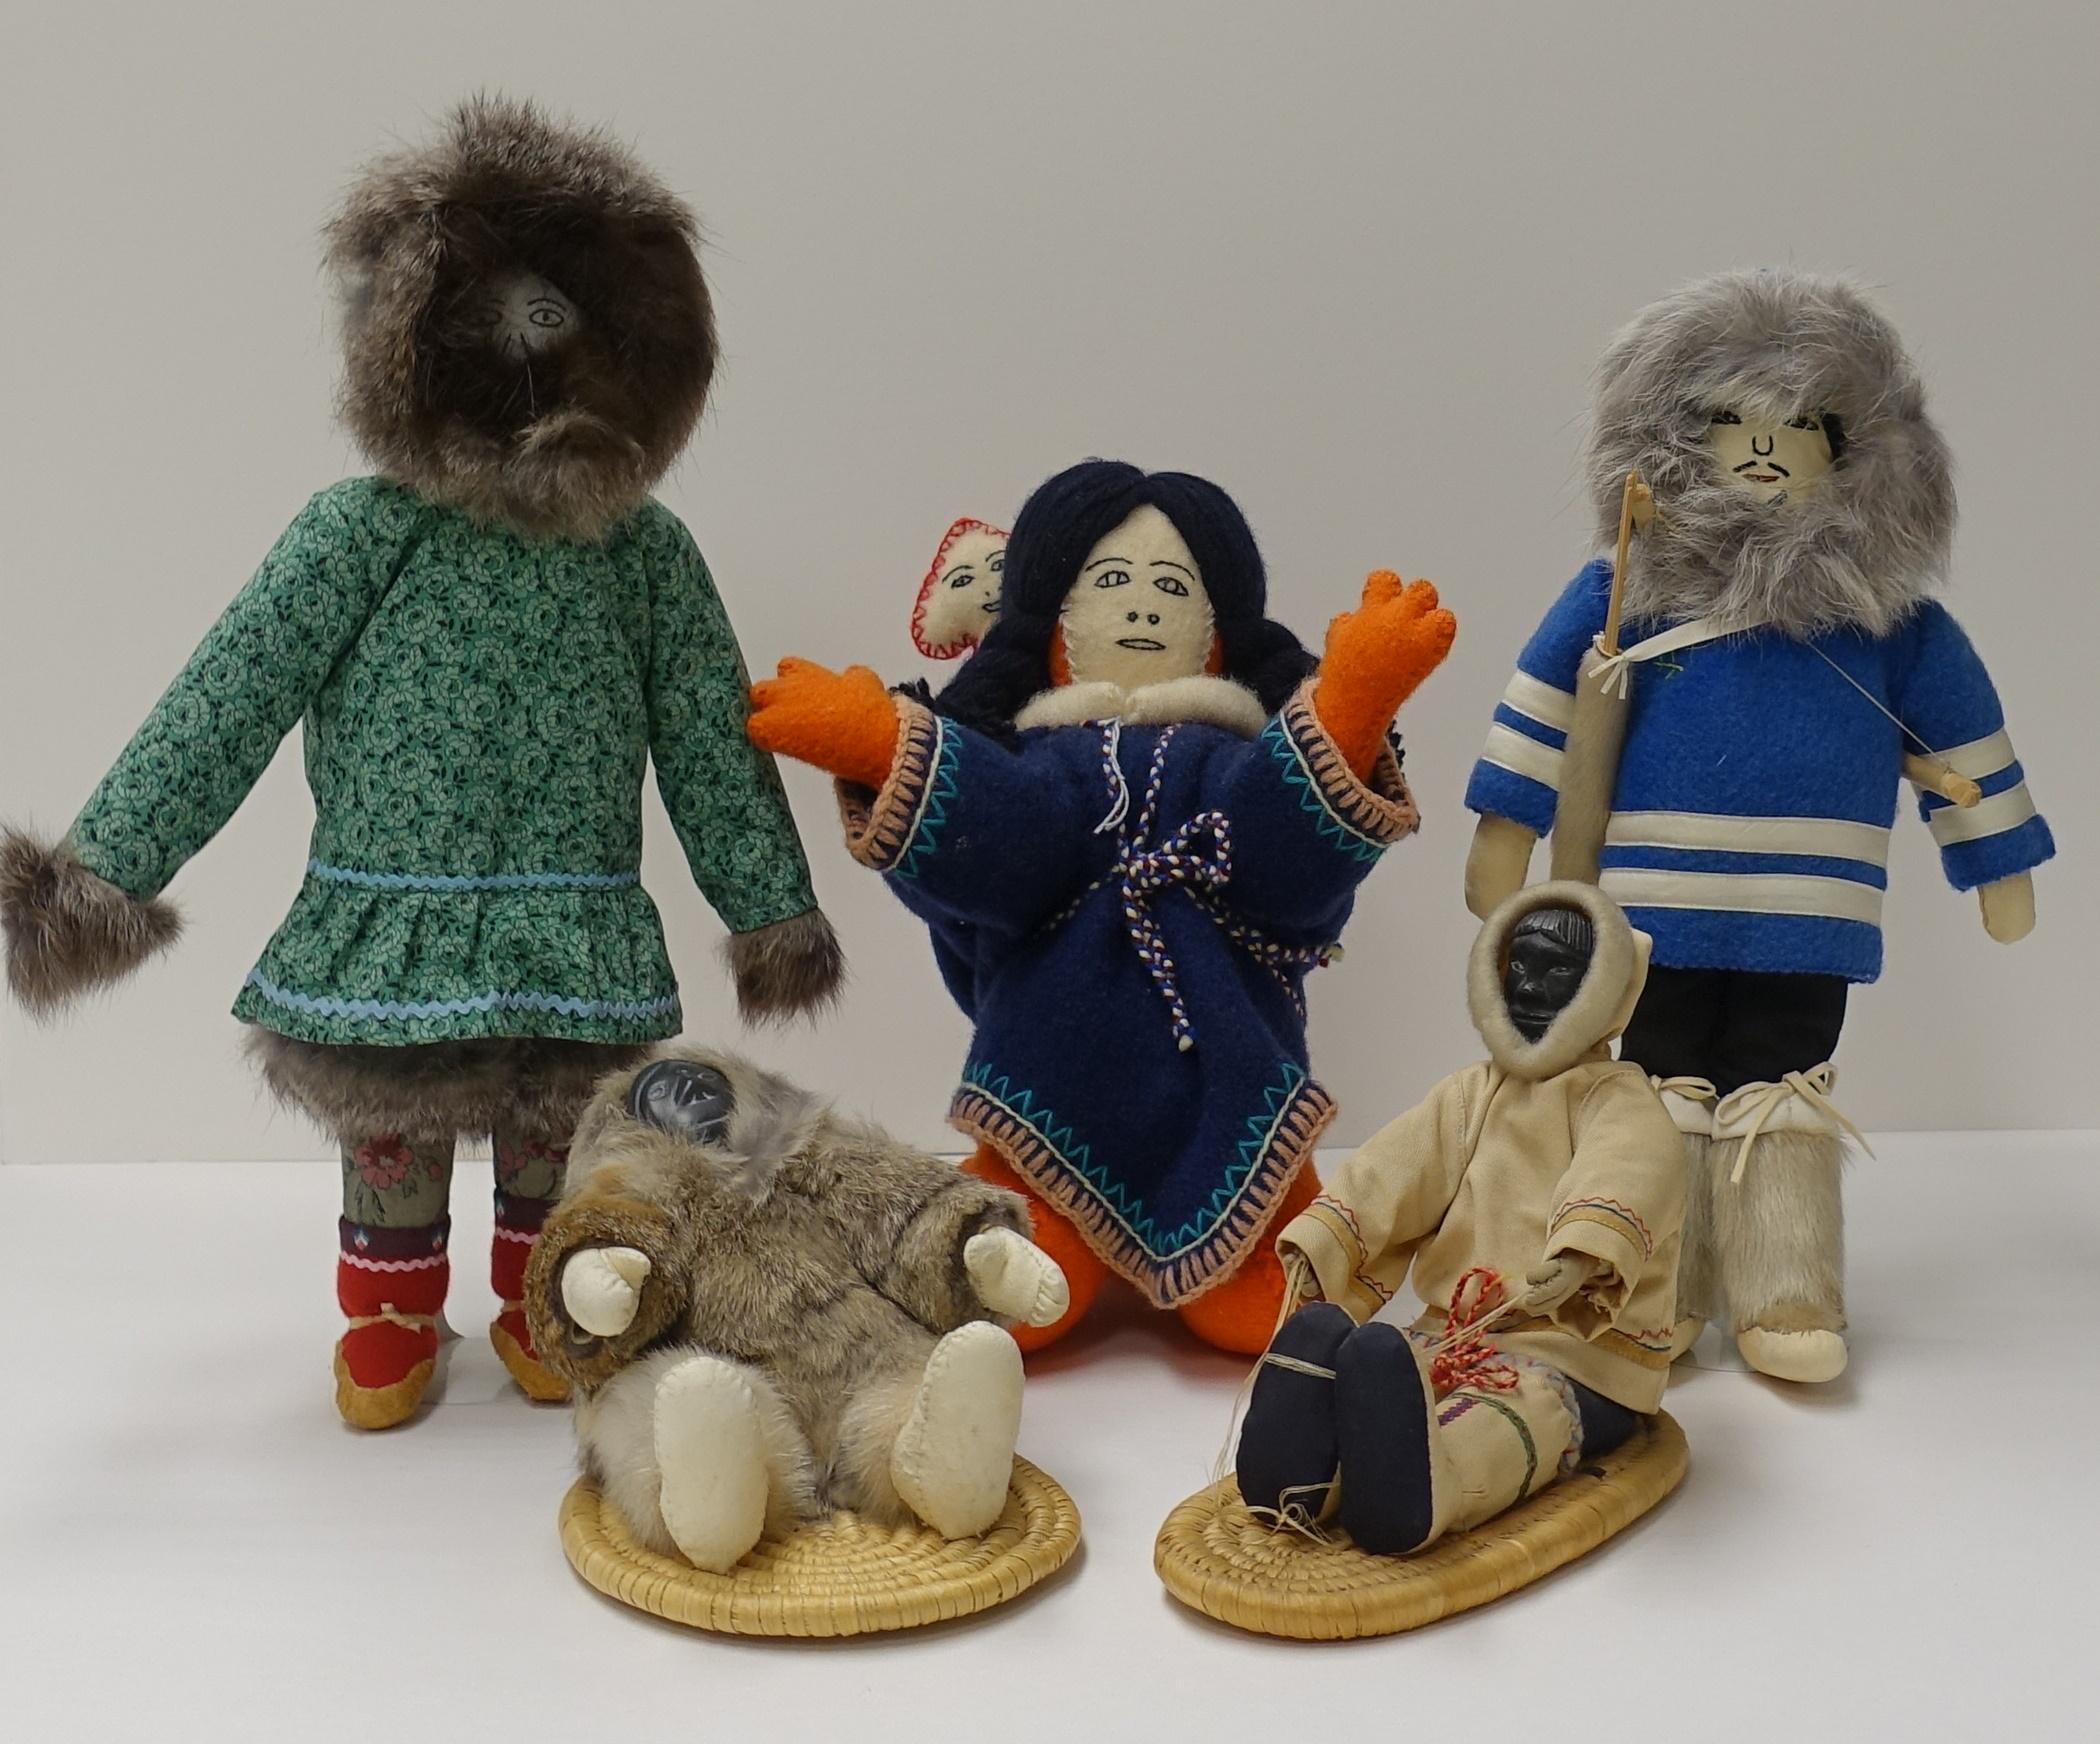 Inuit Dolls - Opens Feb. 3